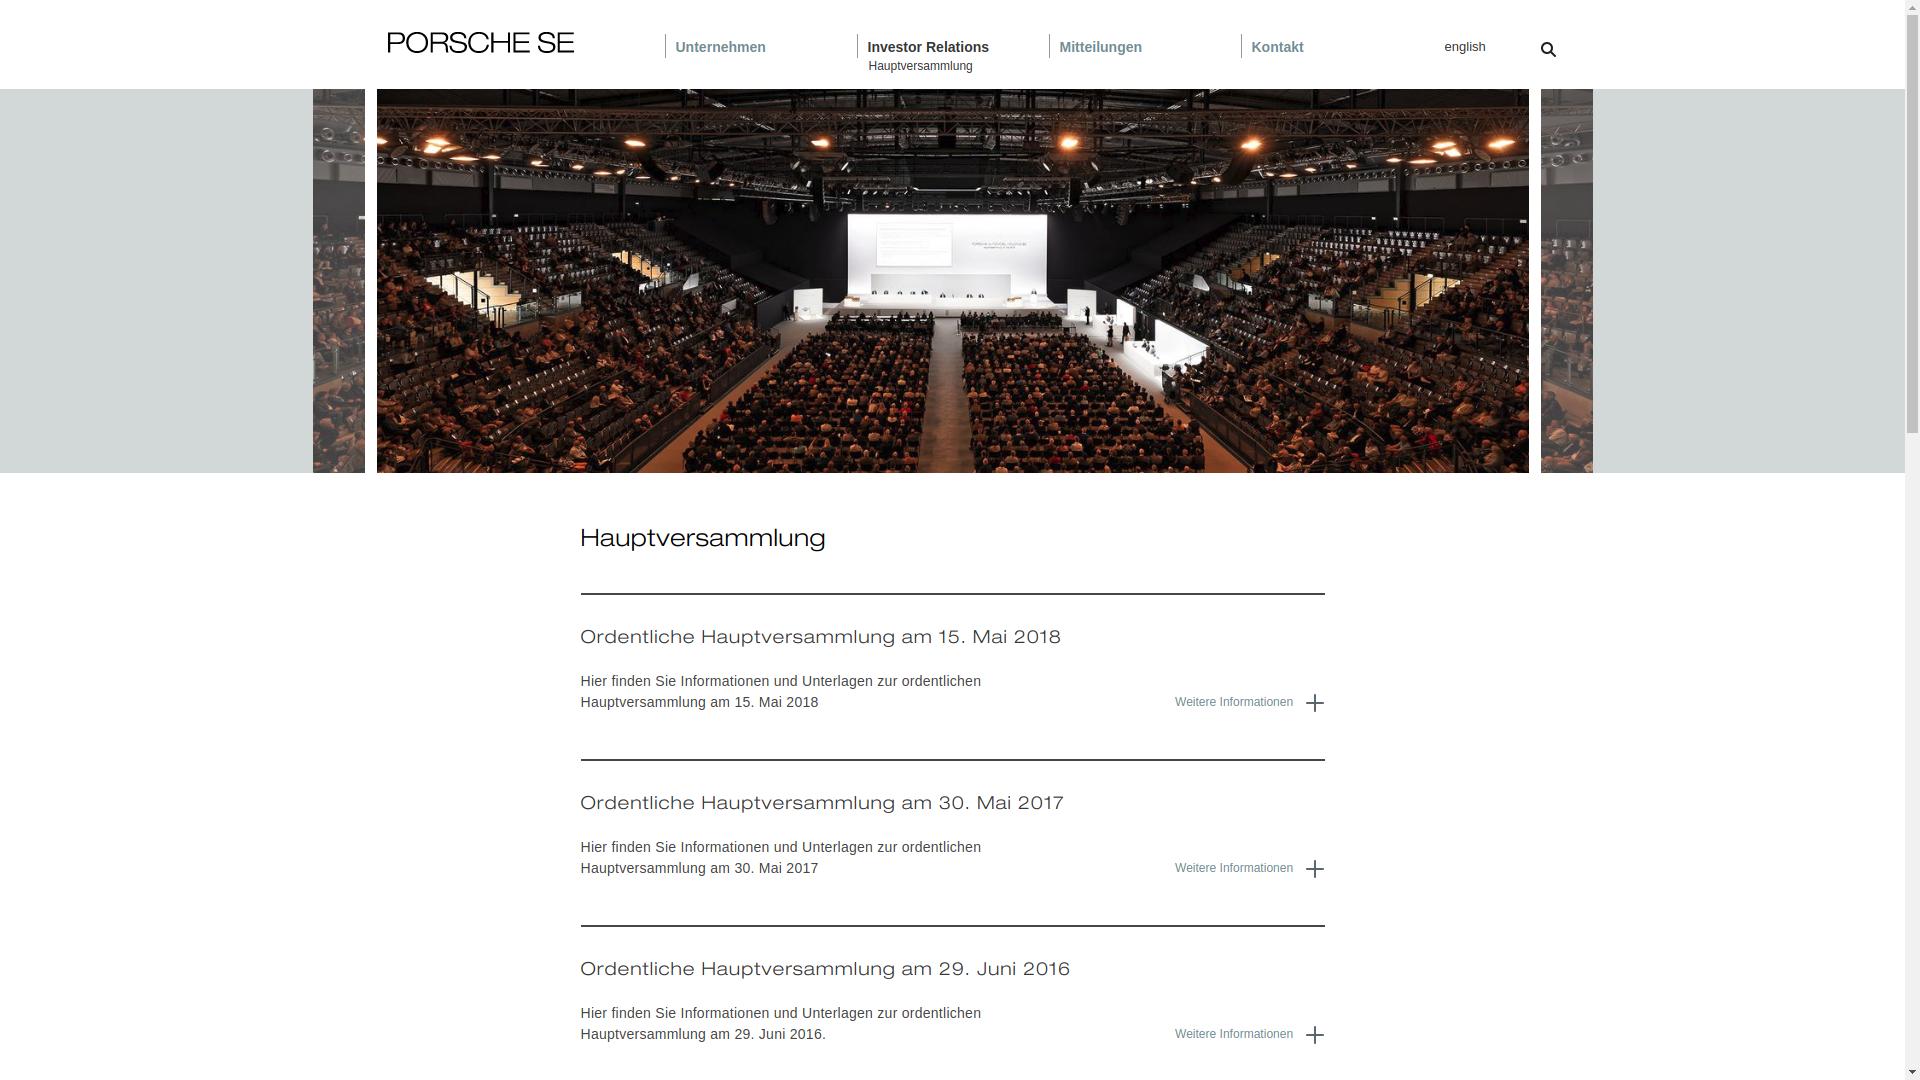 Porsche SE Website Screenshot